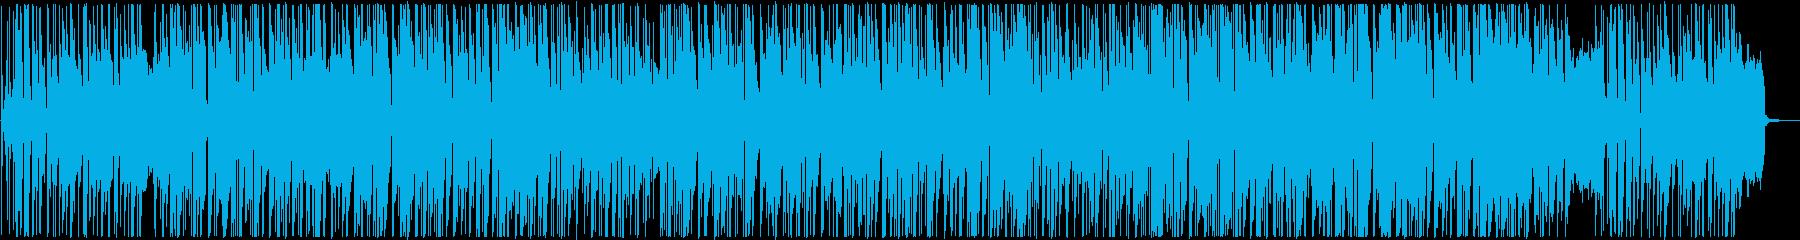 チージーでノリノリ楽しい滝廉太郎のお正月の再生済みの波形